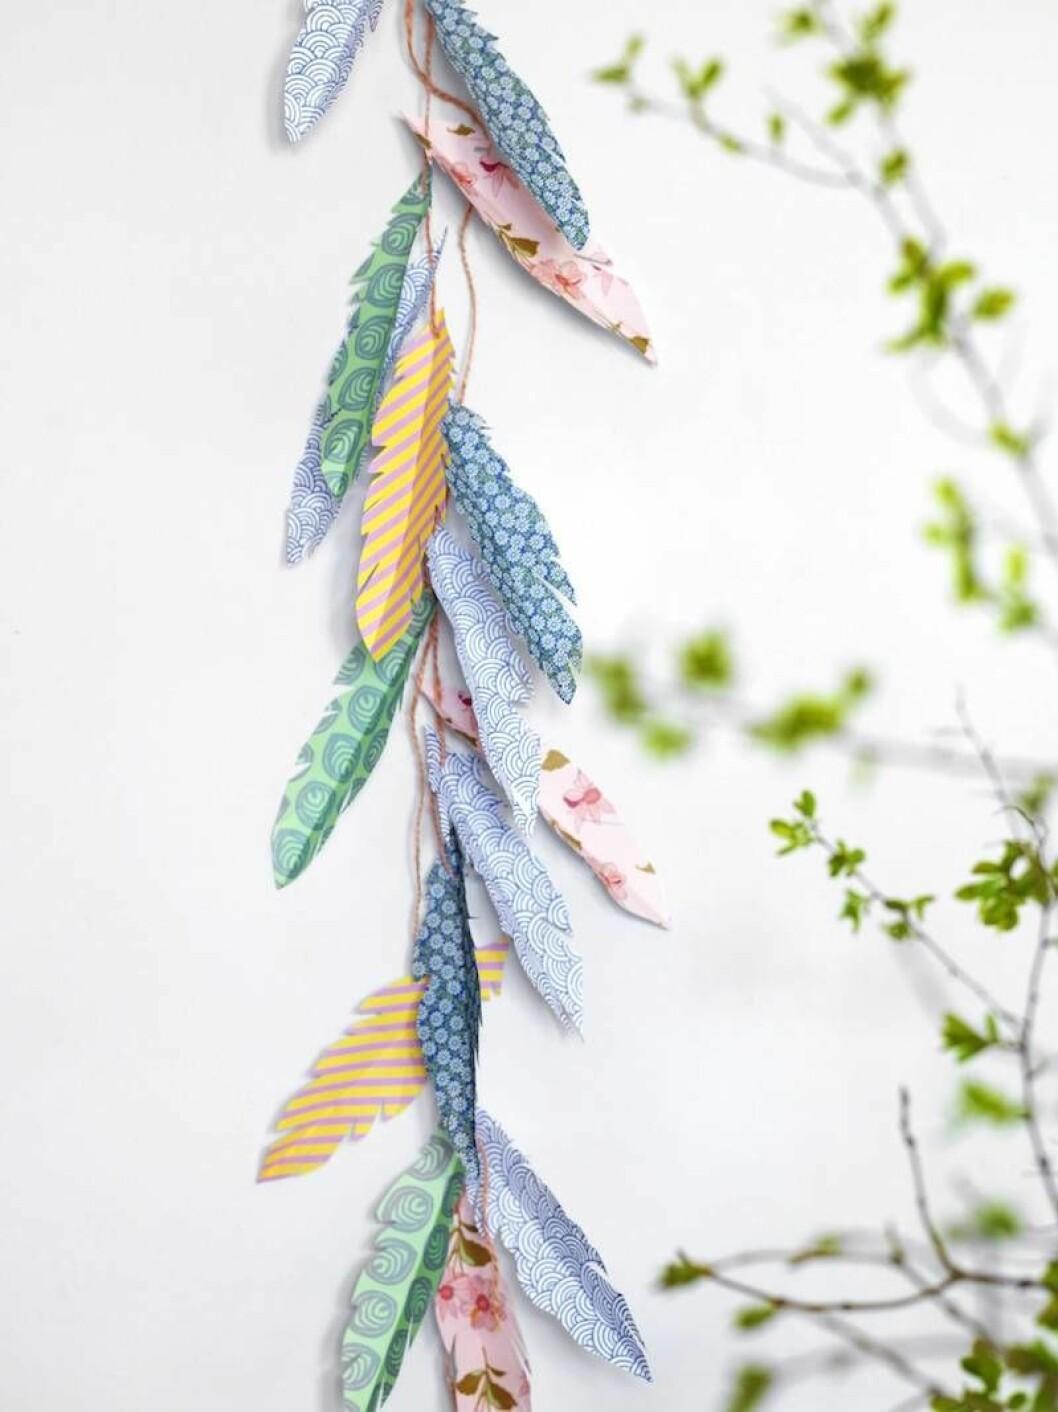 Gör fjädrar av papper och häng som en girlang.